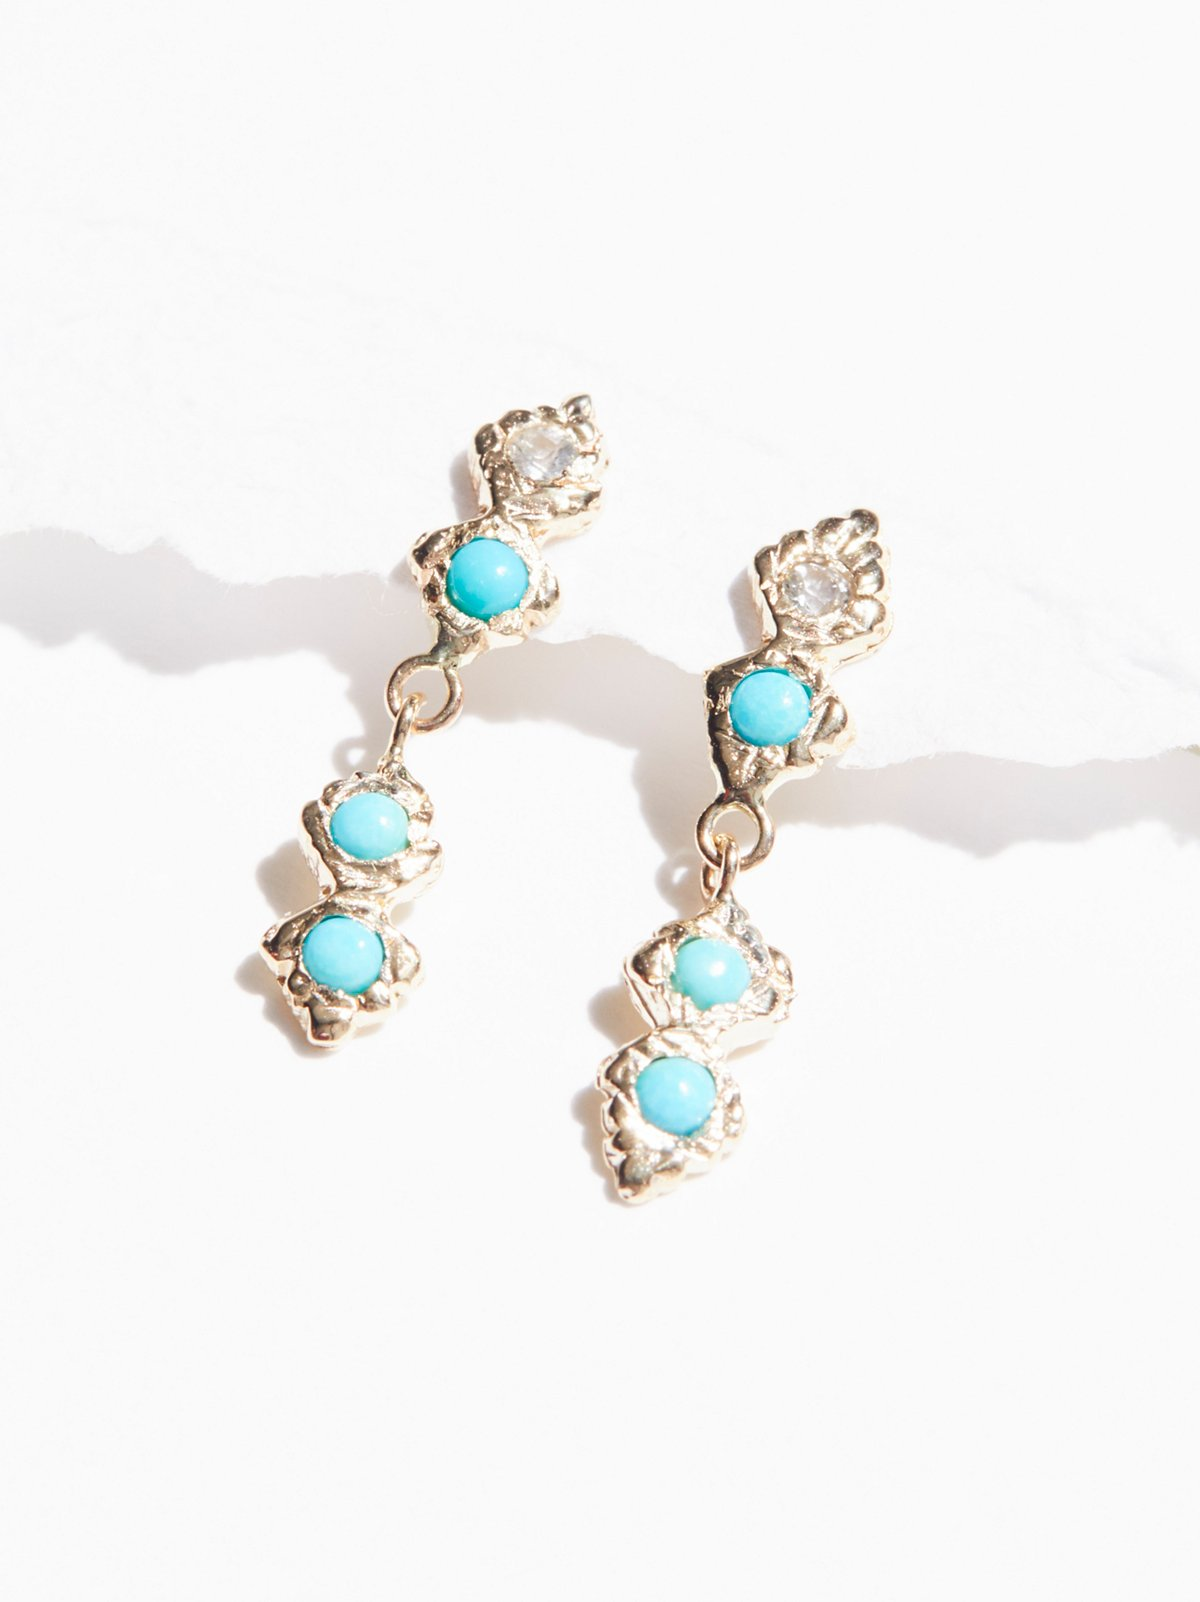 14k光芒蓝宝石绿松石耳环